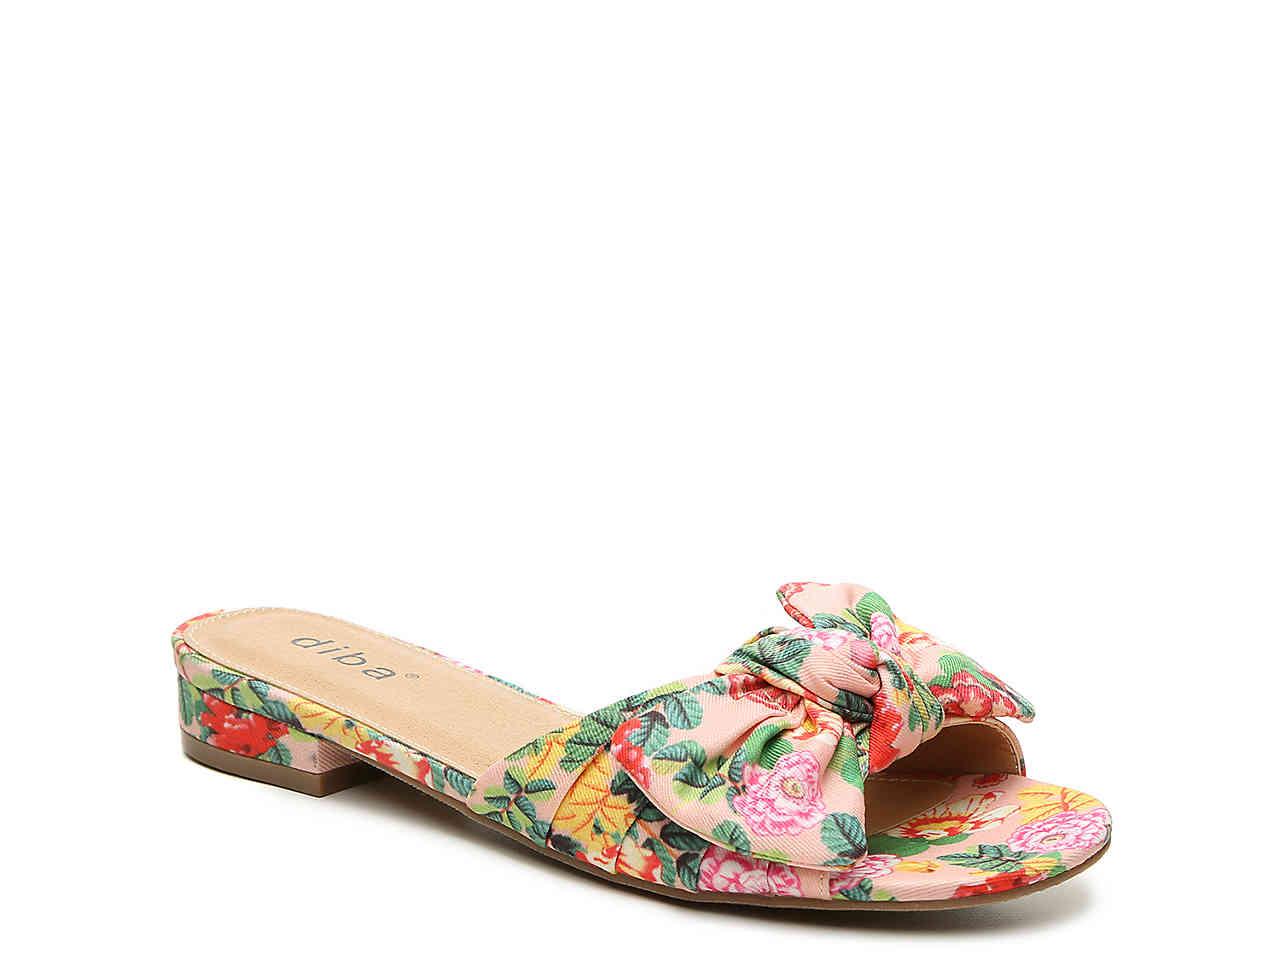 diba peach floral print sandals